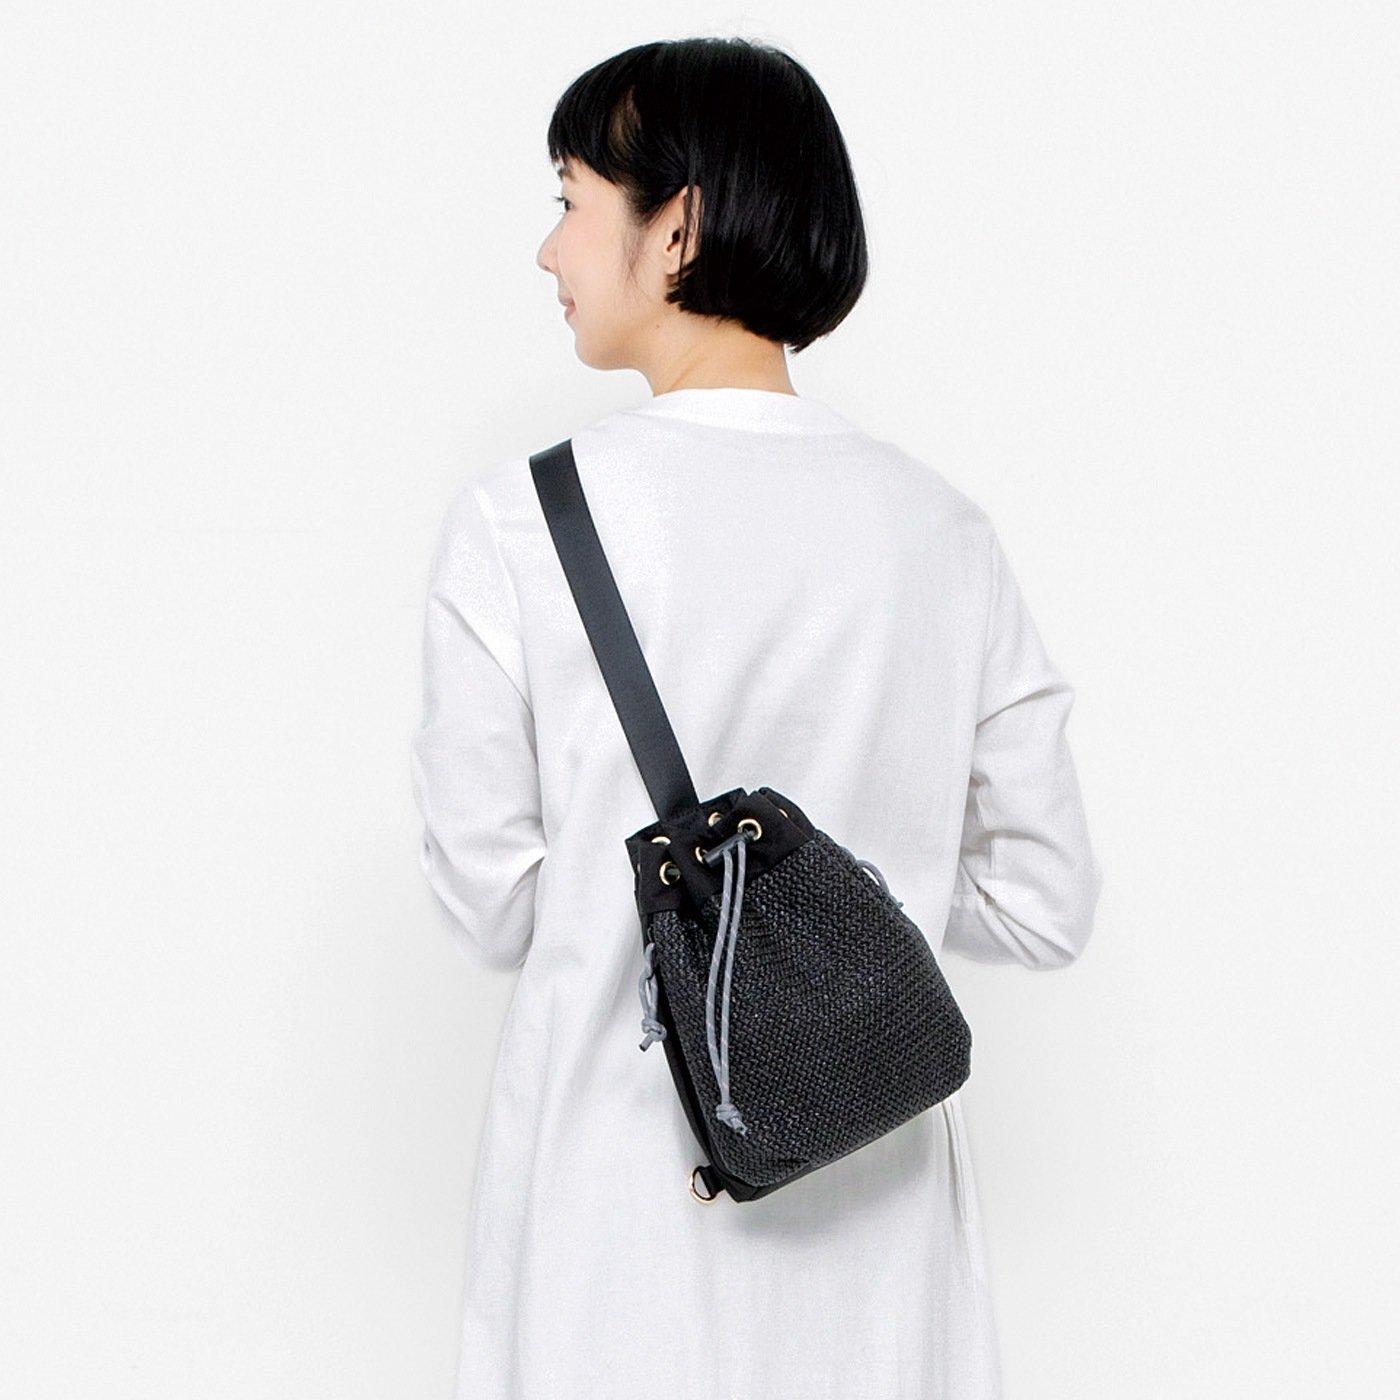 UP.de サッと取り出せる かごバッグみたいな巾着(きんちゃく)ボディーバッグ